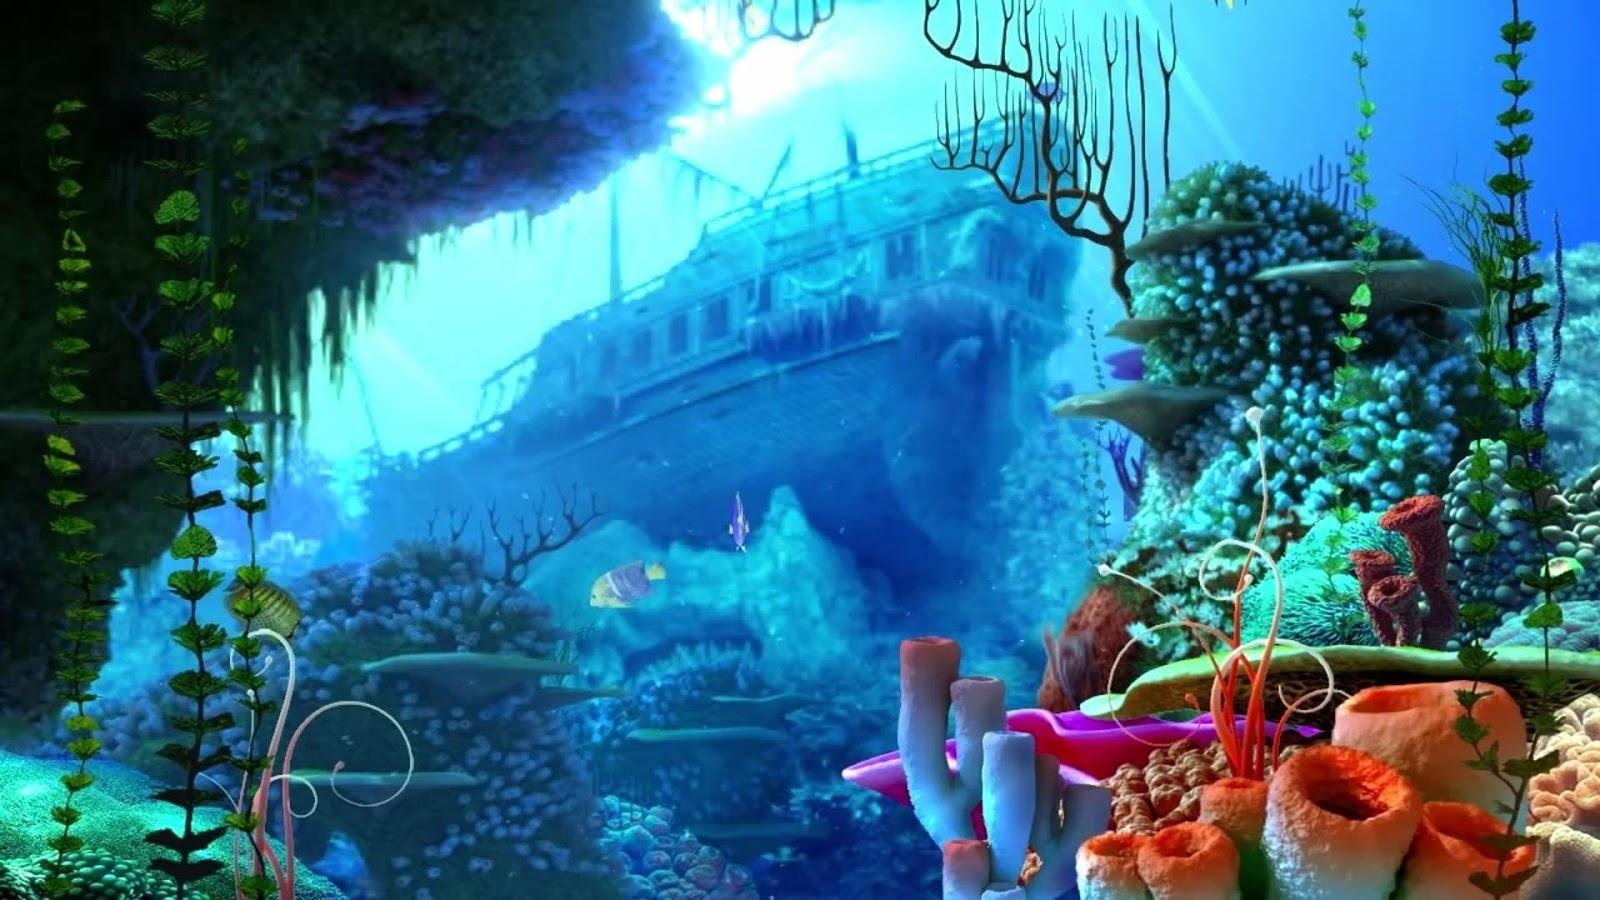 Fish aquarium live wallpaper for pc - Live Wallpaper Fish Tank Desktop Hd Live Wallpaper Fish Tank